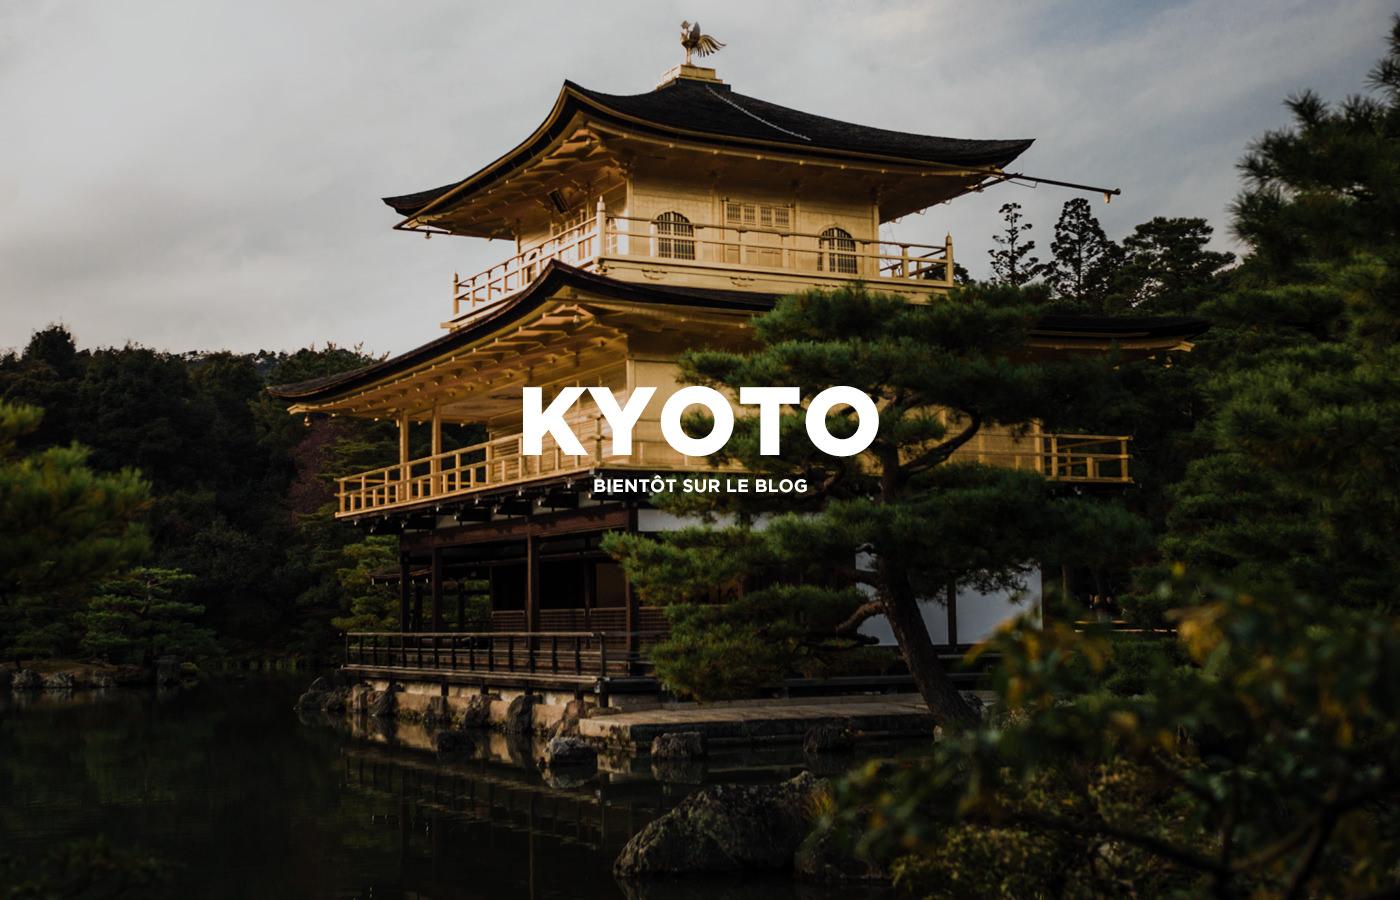 Visiter Kyoto : où dormir, que voir ? Mais aussi quand partir, y aller, se déplacer ainsi que nos basiques pratiques